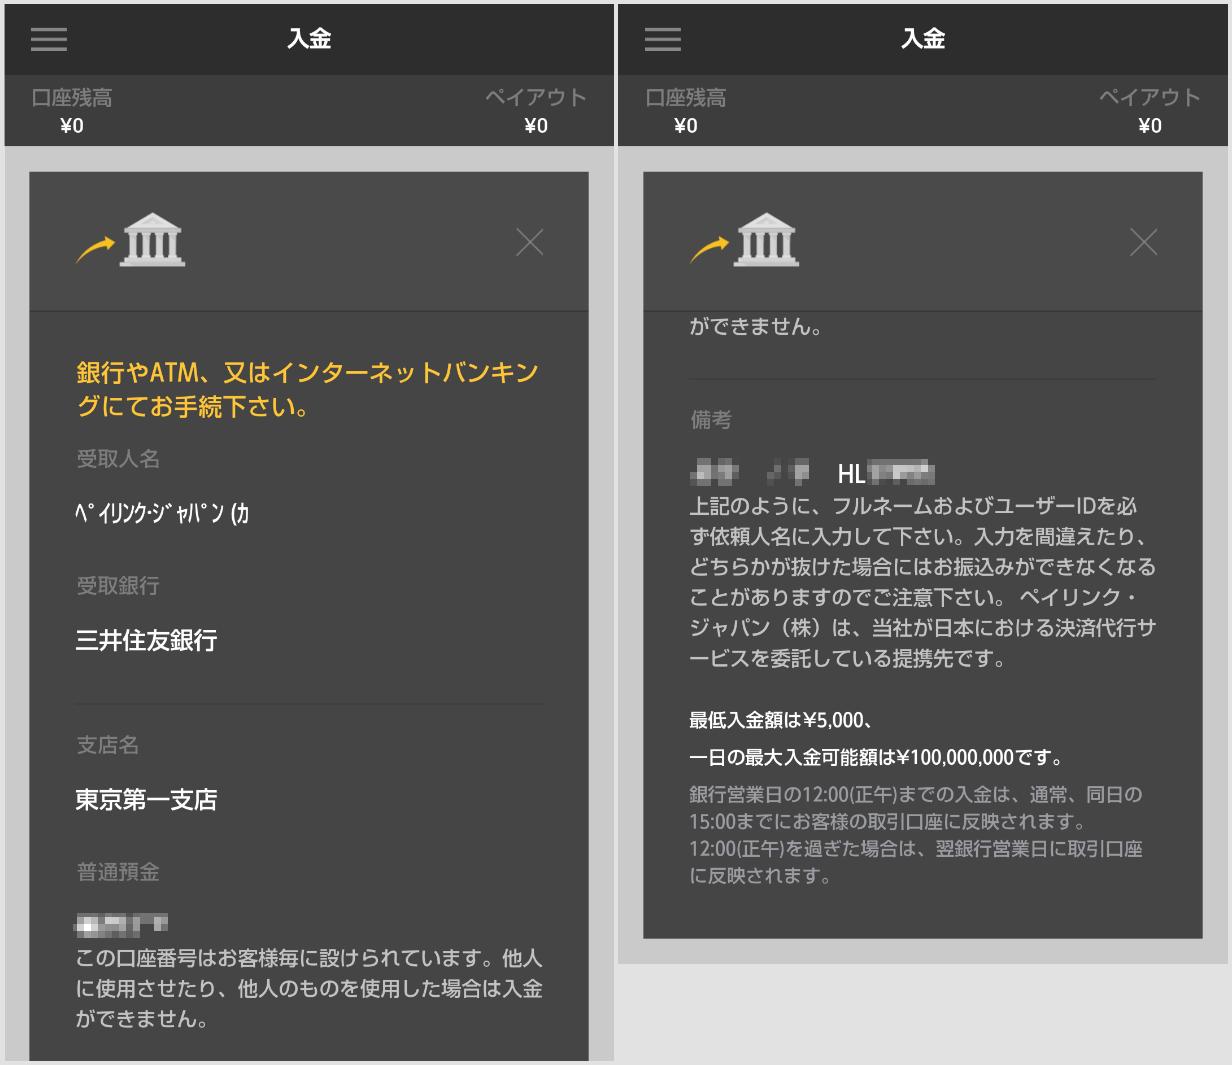 ハイローオーストラリアのアプリで銀行振込情報表示